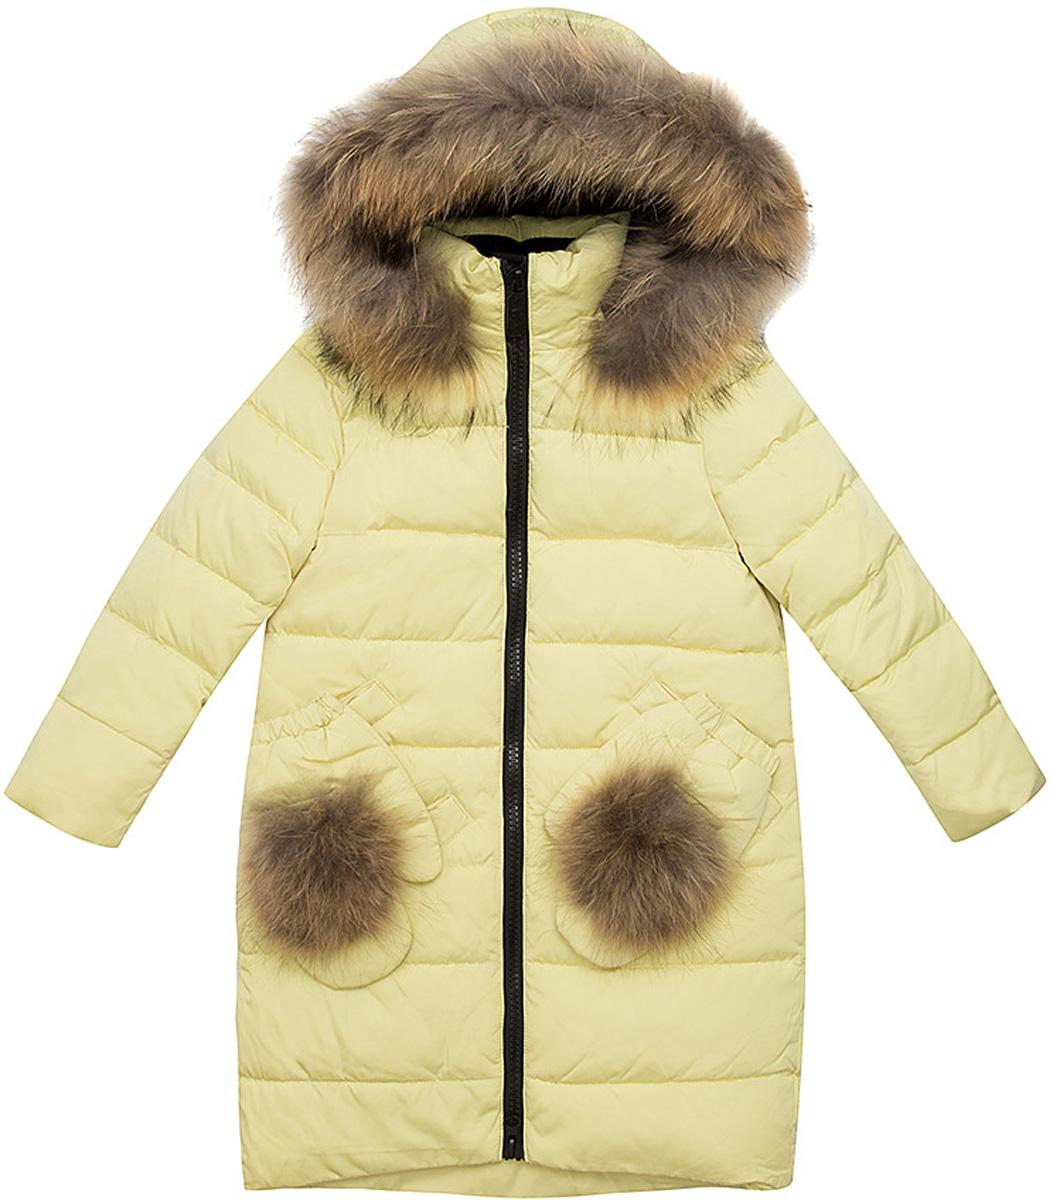 Куртка для девочки Vitacci, цвет: лимонный. 2171475-45. Размер 1282171475-45Удлиненная куртка для девочки Vitacci, изготовленная из полиэстера, станет стильнымдополнением к детскому гардеробу.Подкладка выполнена из полиэстера и дополнительно утеплена флисом по спинке. В качестве утеплителя используется биопух.Модель застегивается на застежку-молнию и имеет съемный капюшон с отделкой из натурального меха. Спереди расположены два кармана, украшенные съемными варежками с меховым помпоном.Температурный режим от -10°С до -25°С.Теплая, удобная и практичная куртка идеально подойдет юной моднице для прогулок!